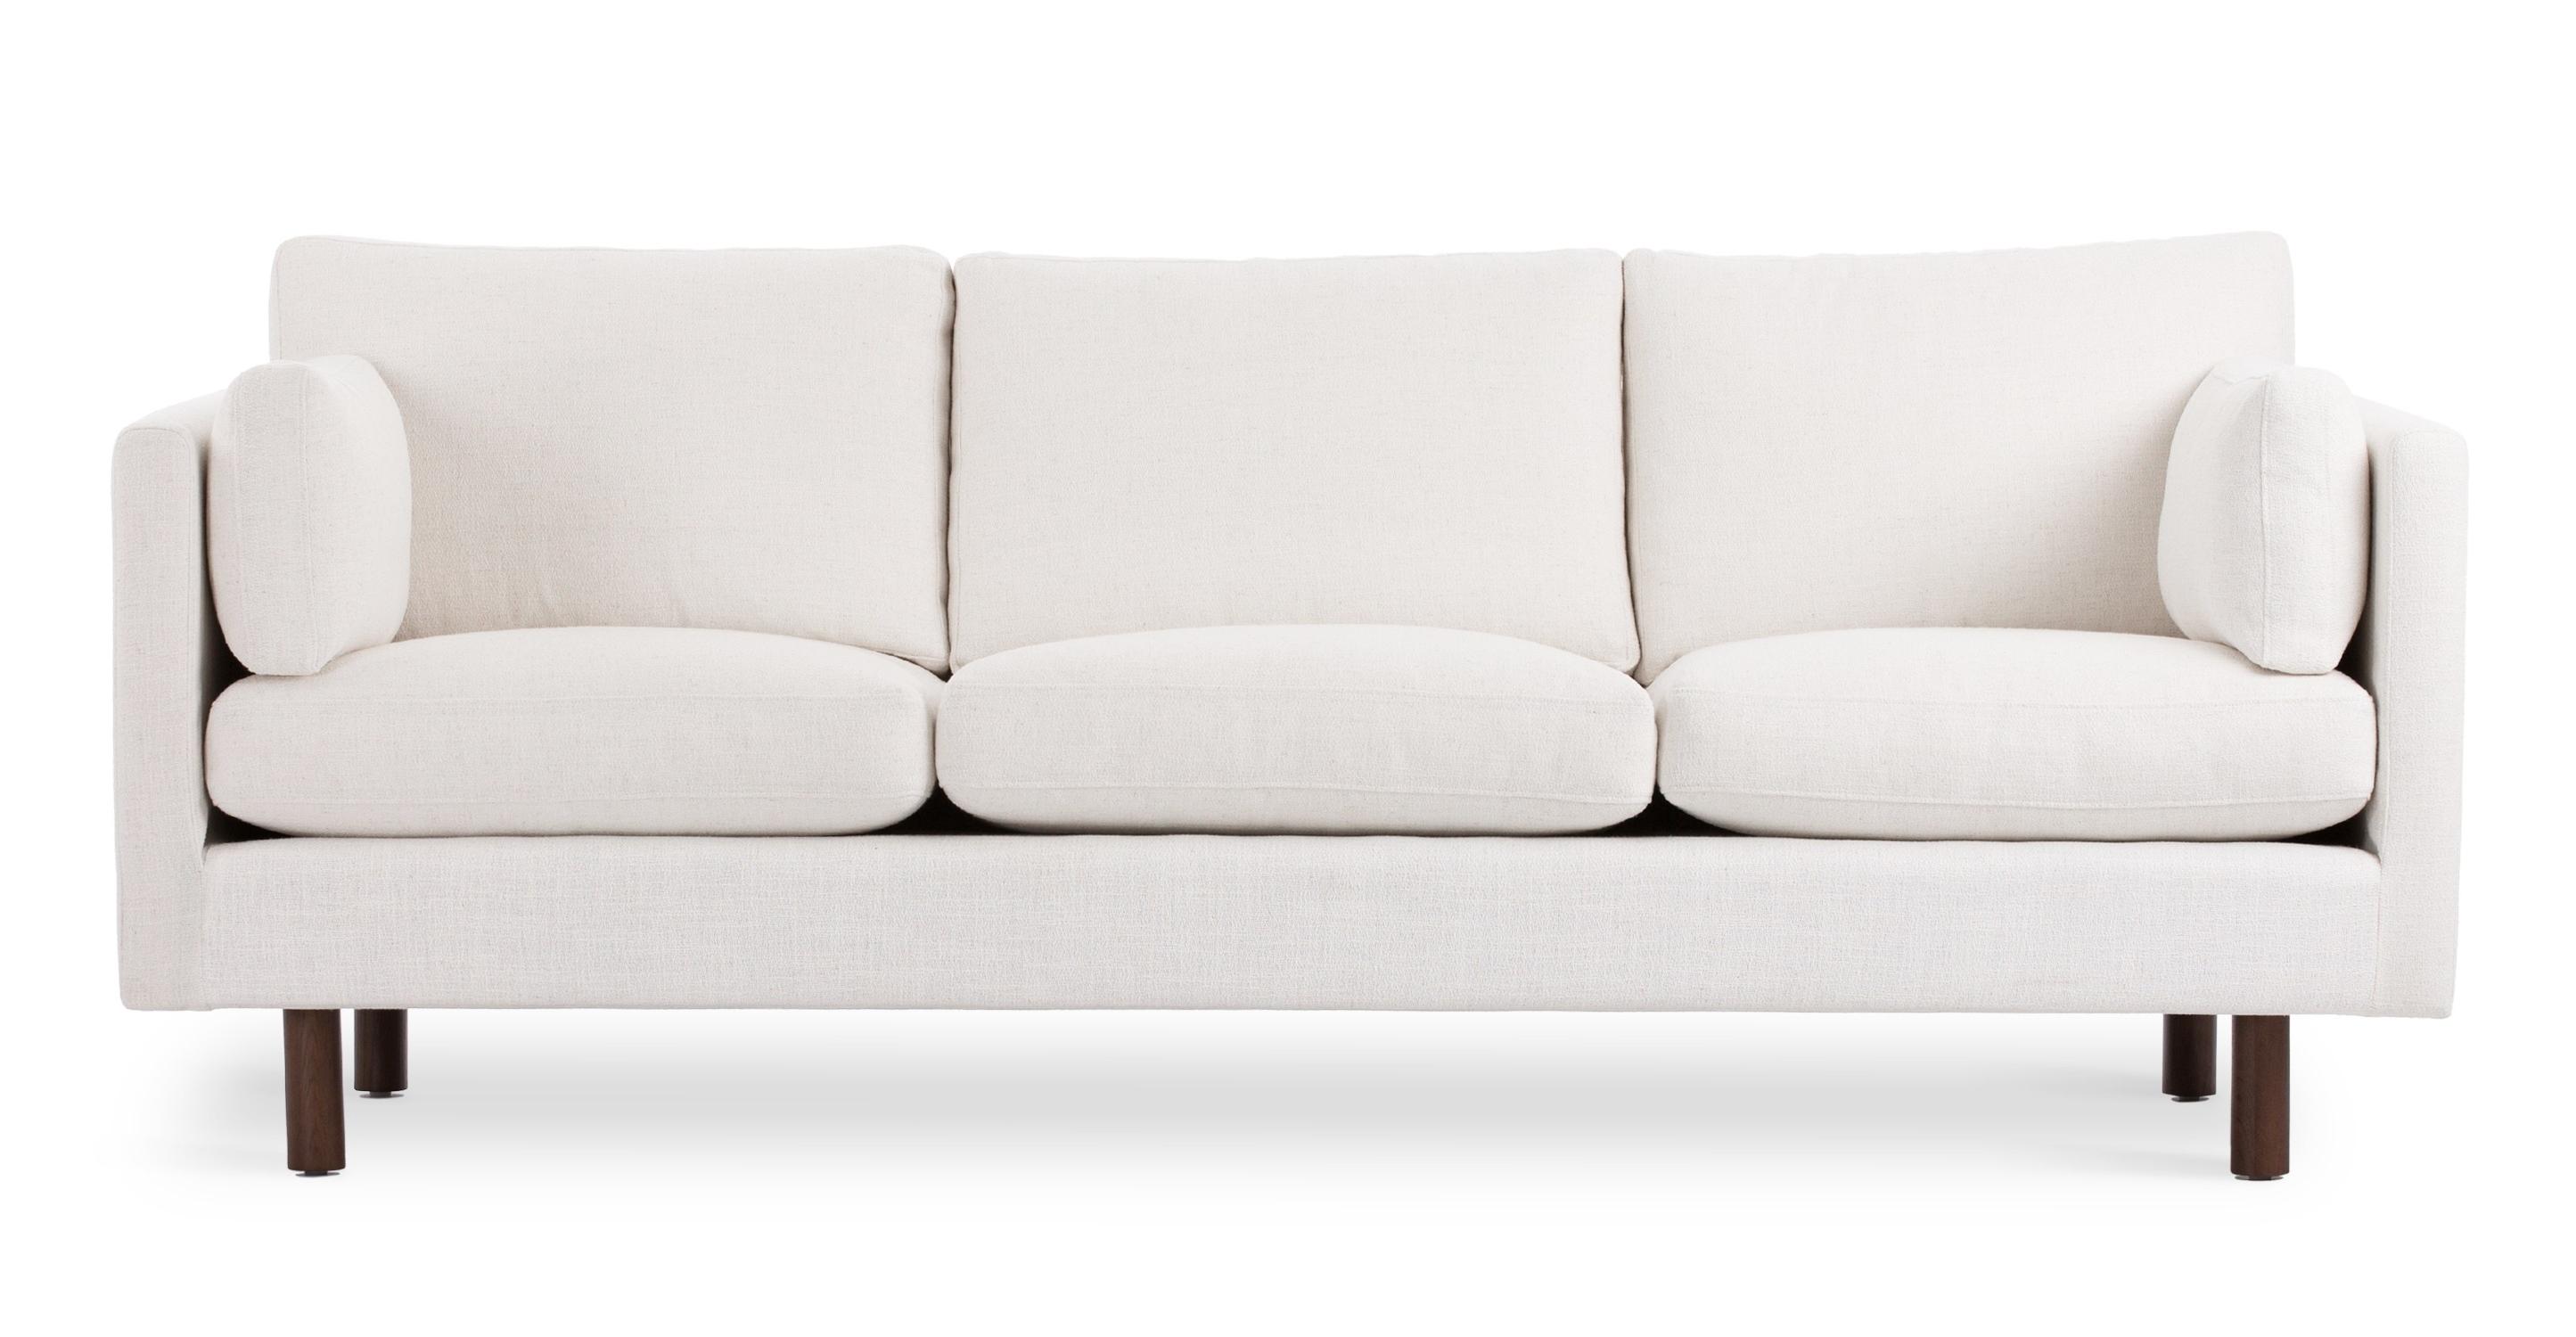 White Modern Sofas Regarding 2017 Unique White Sofas 32 In Modern Sofa Inspiration With White Sofas (View 13 of 15)